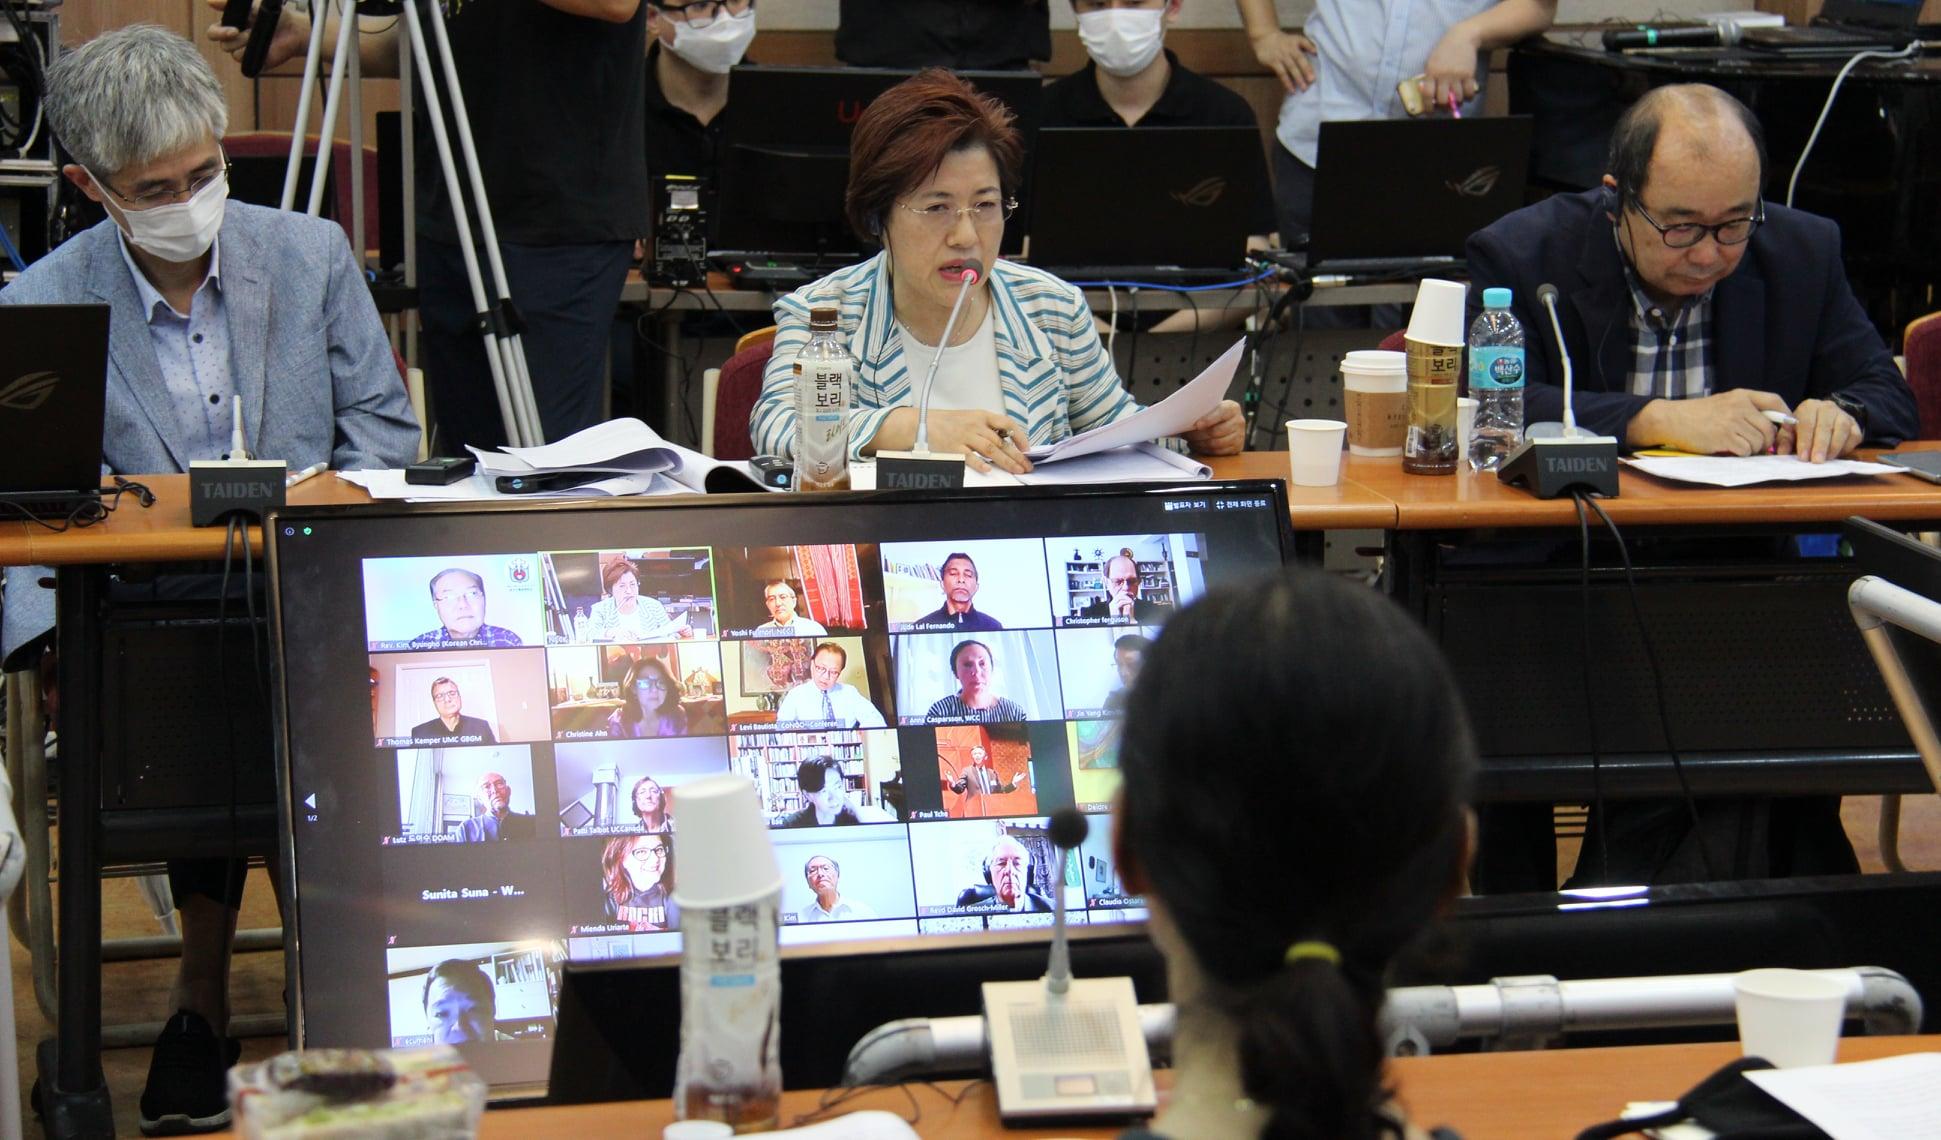 지난 7월 24일, 전 세계 각지의 교회 단체들이 <민(民)의 한반도 평화협정 선언>을 위한 화상 회의를 하고 있다. 사진 제공, 한국기독교교회협의회.